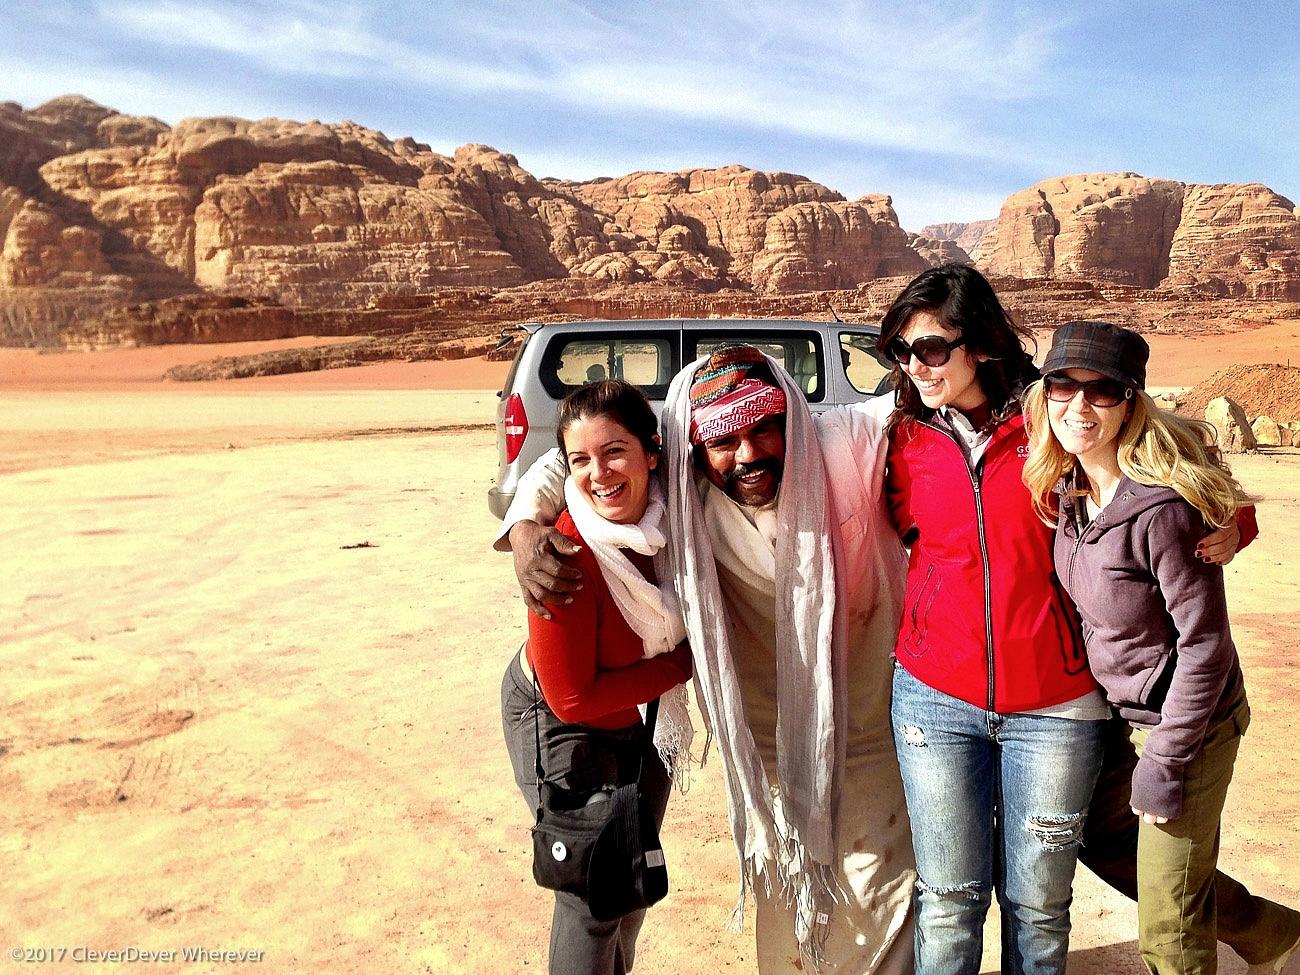 Juliana Dever Bedouin Jordan